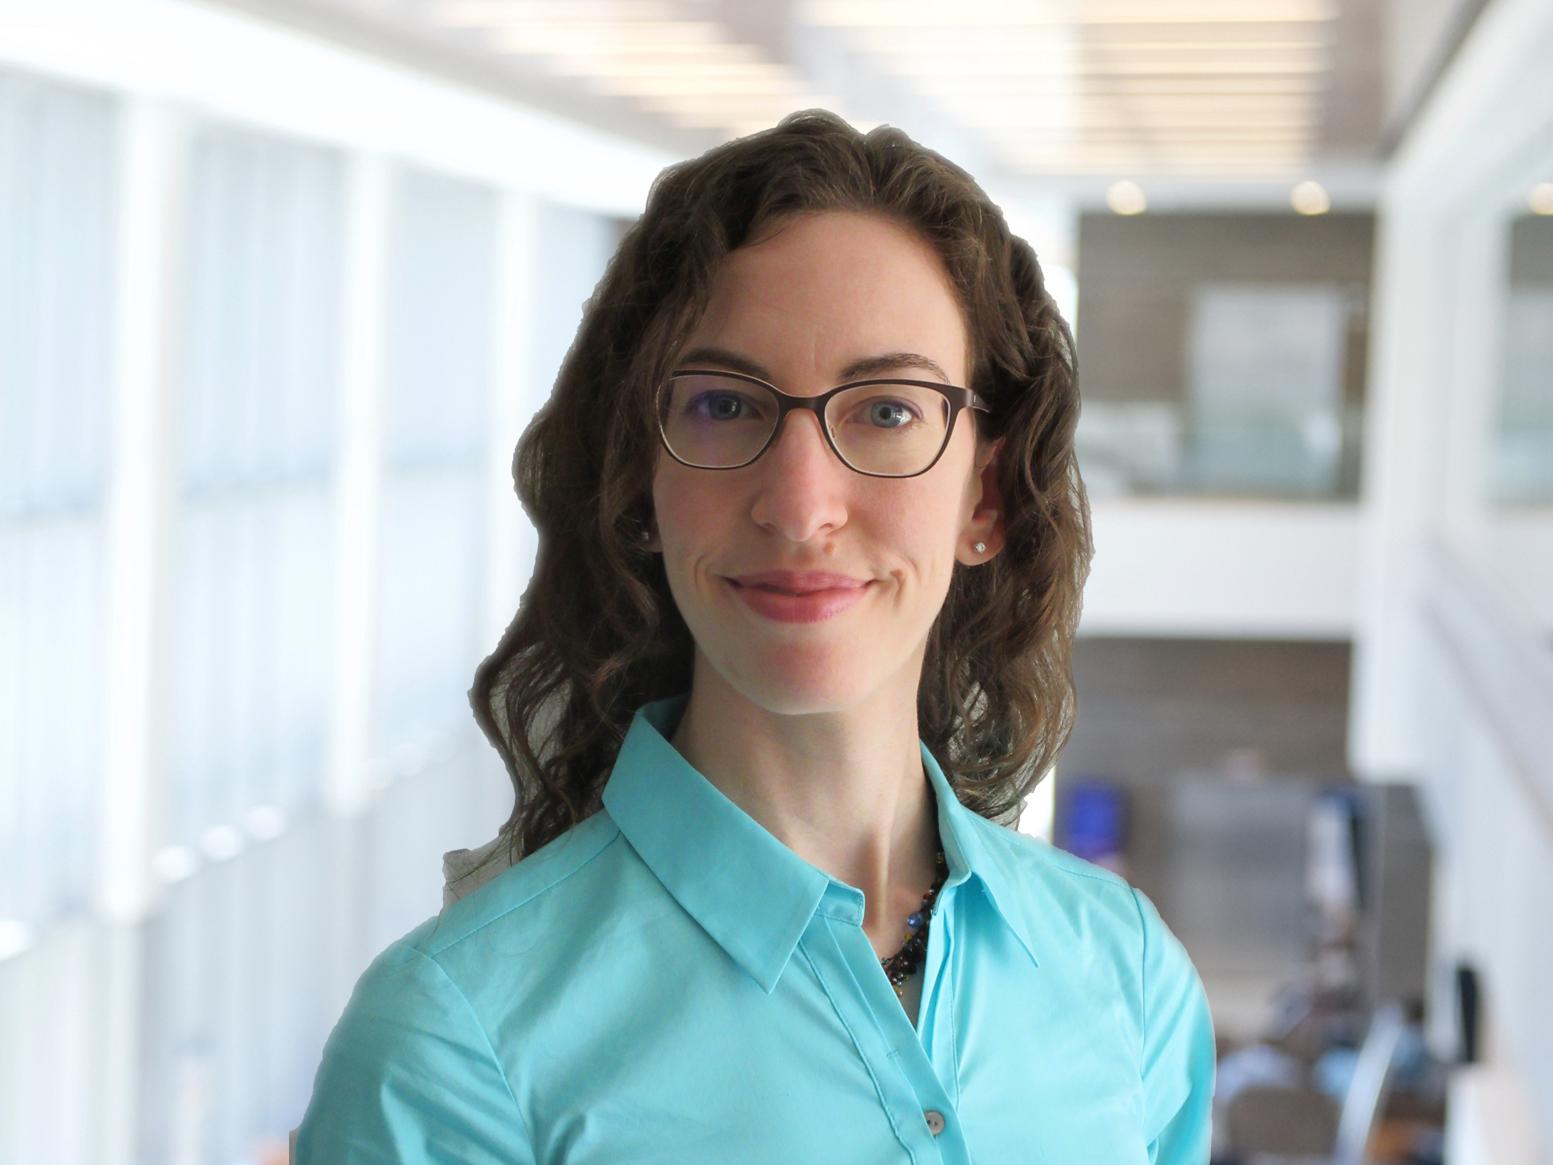 Dr. Amanda Schwartz